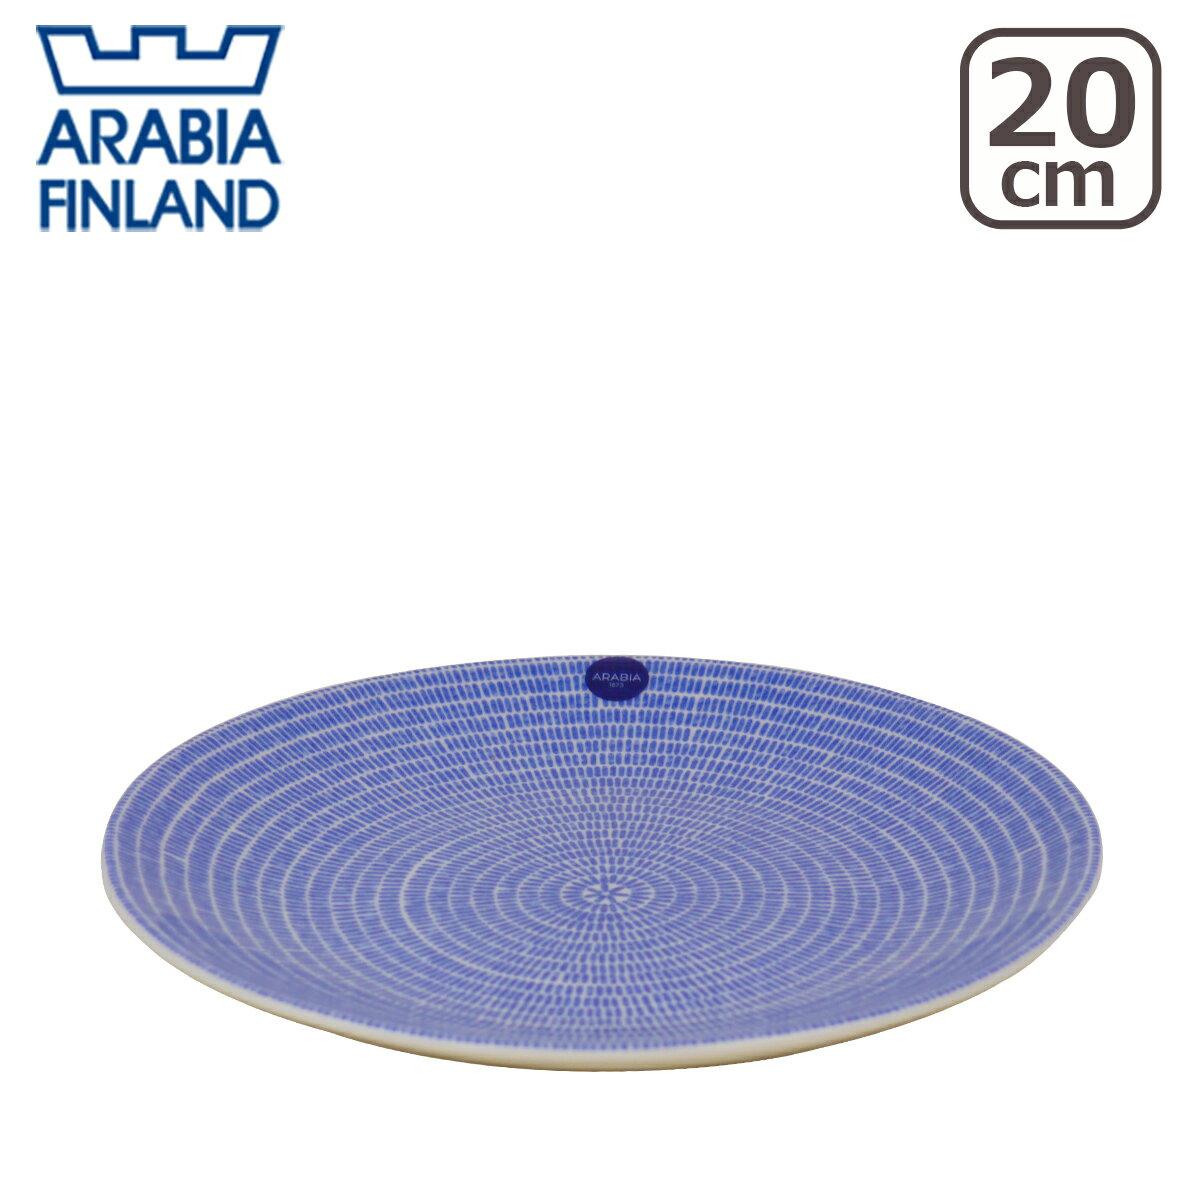 【ポイント10倍 9/15】アラビア(Arabia) 24h Avec アベック 20cm プレート ブルー blue 北欧 フィンランド 食器 Arabia 食器洗い機 対応